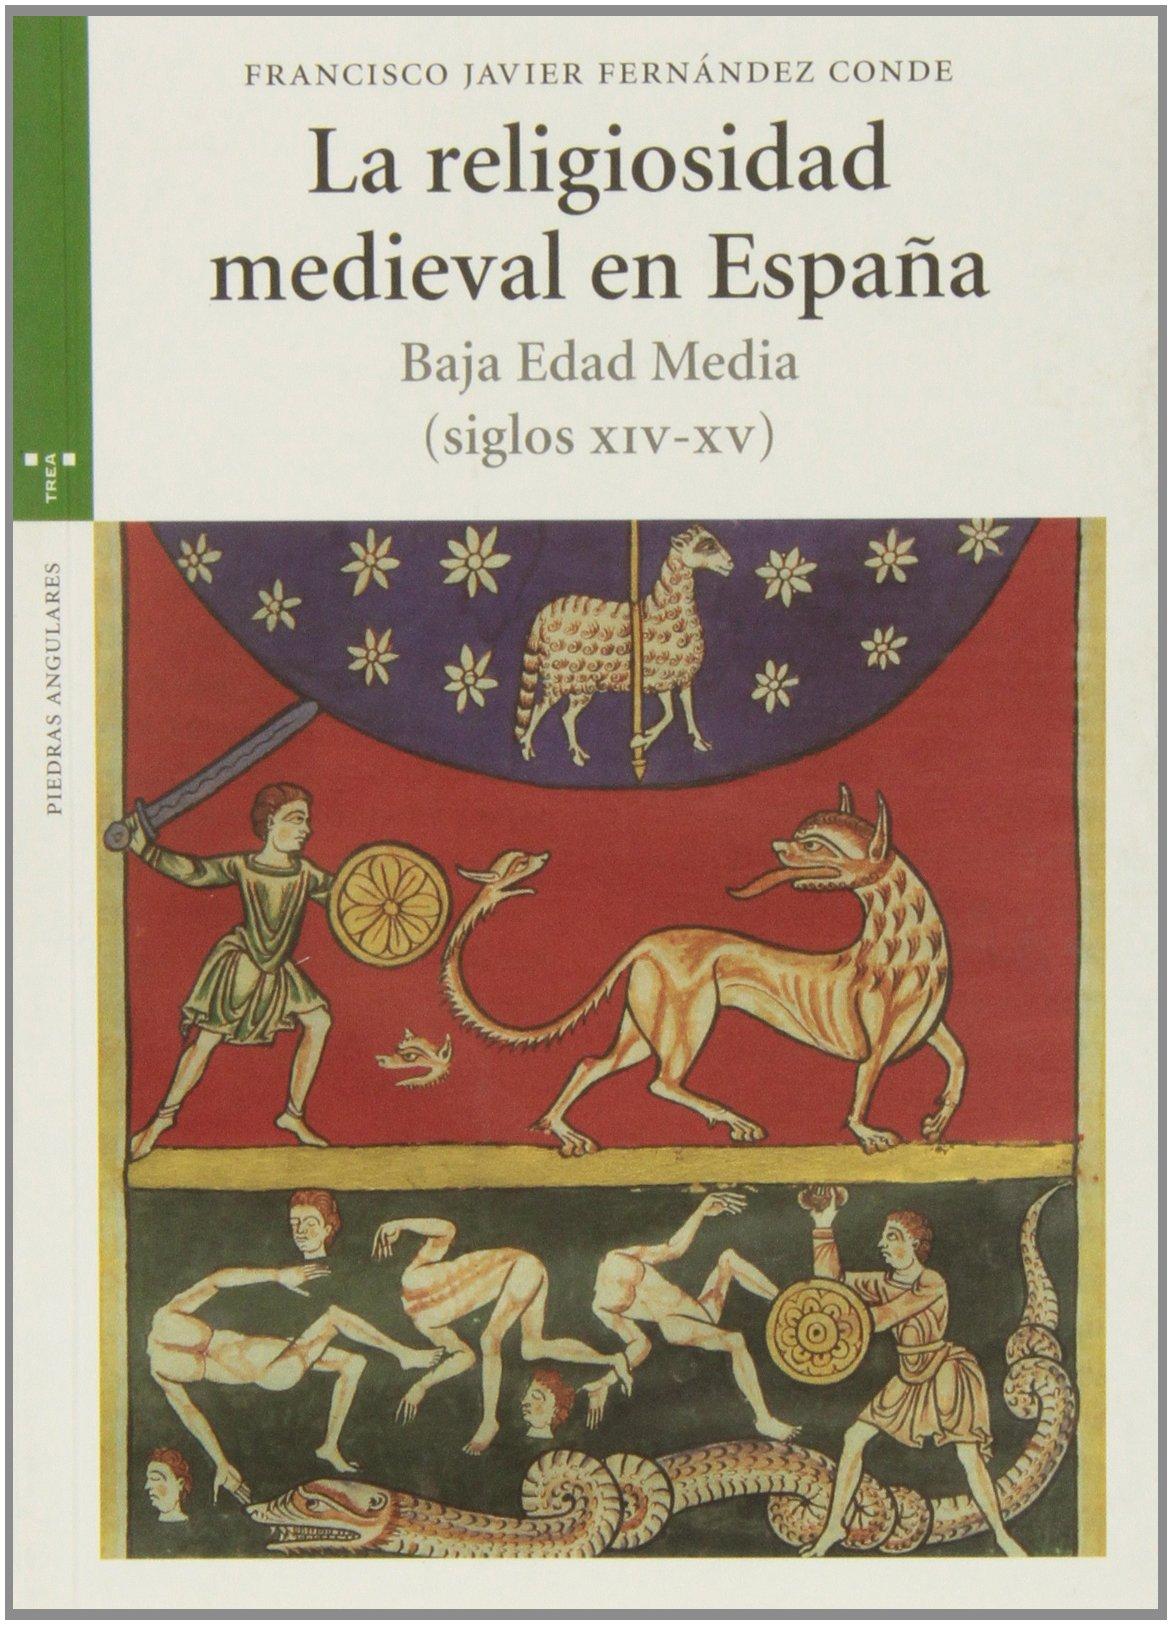 La religiosidad medieval en España: Baja Edad Media siglos XIV-XV: Amazon.es: Fernández Conde, Francisco Javier: Libros